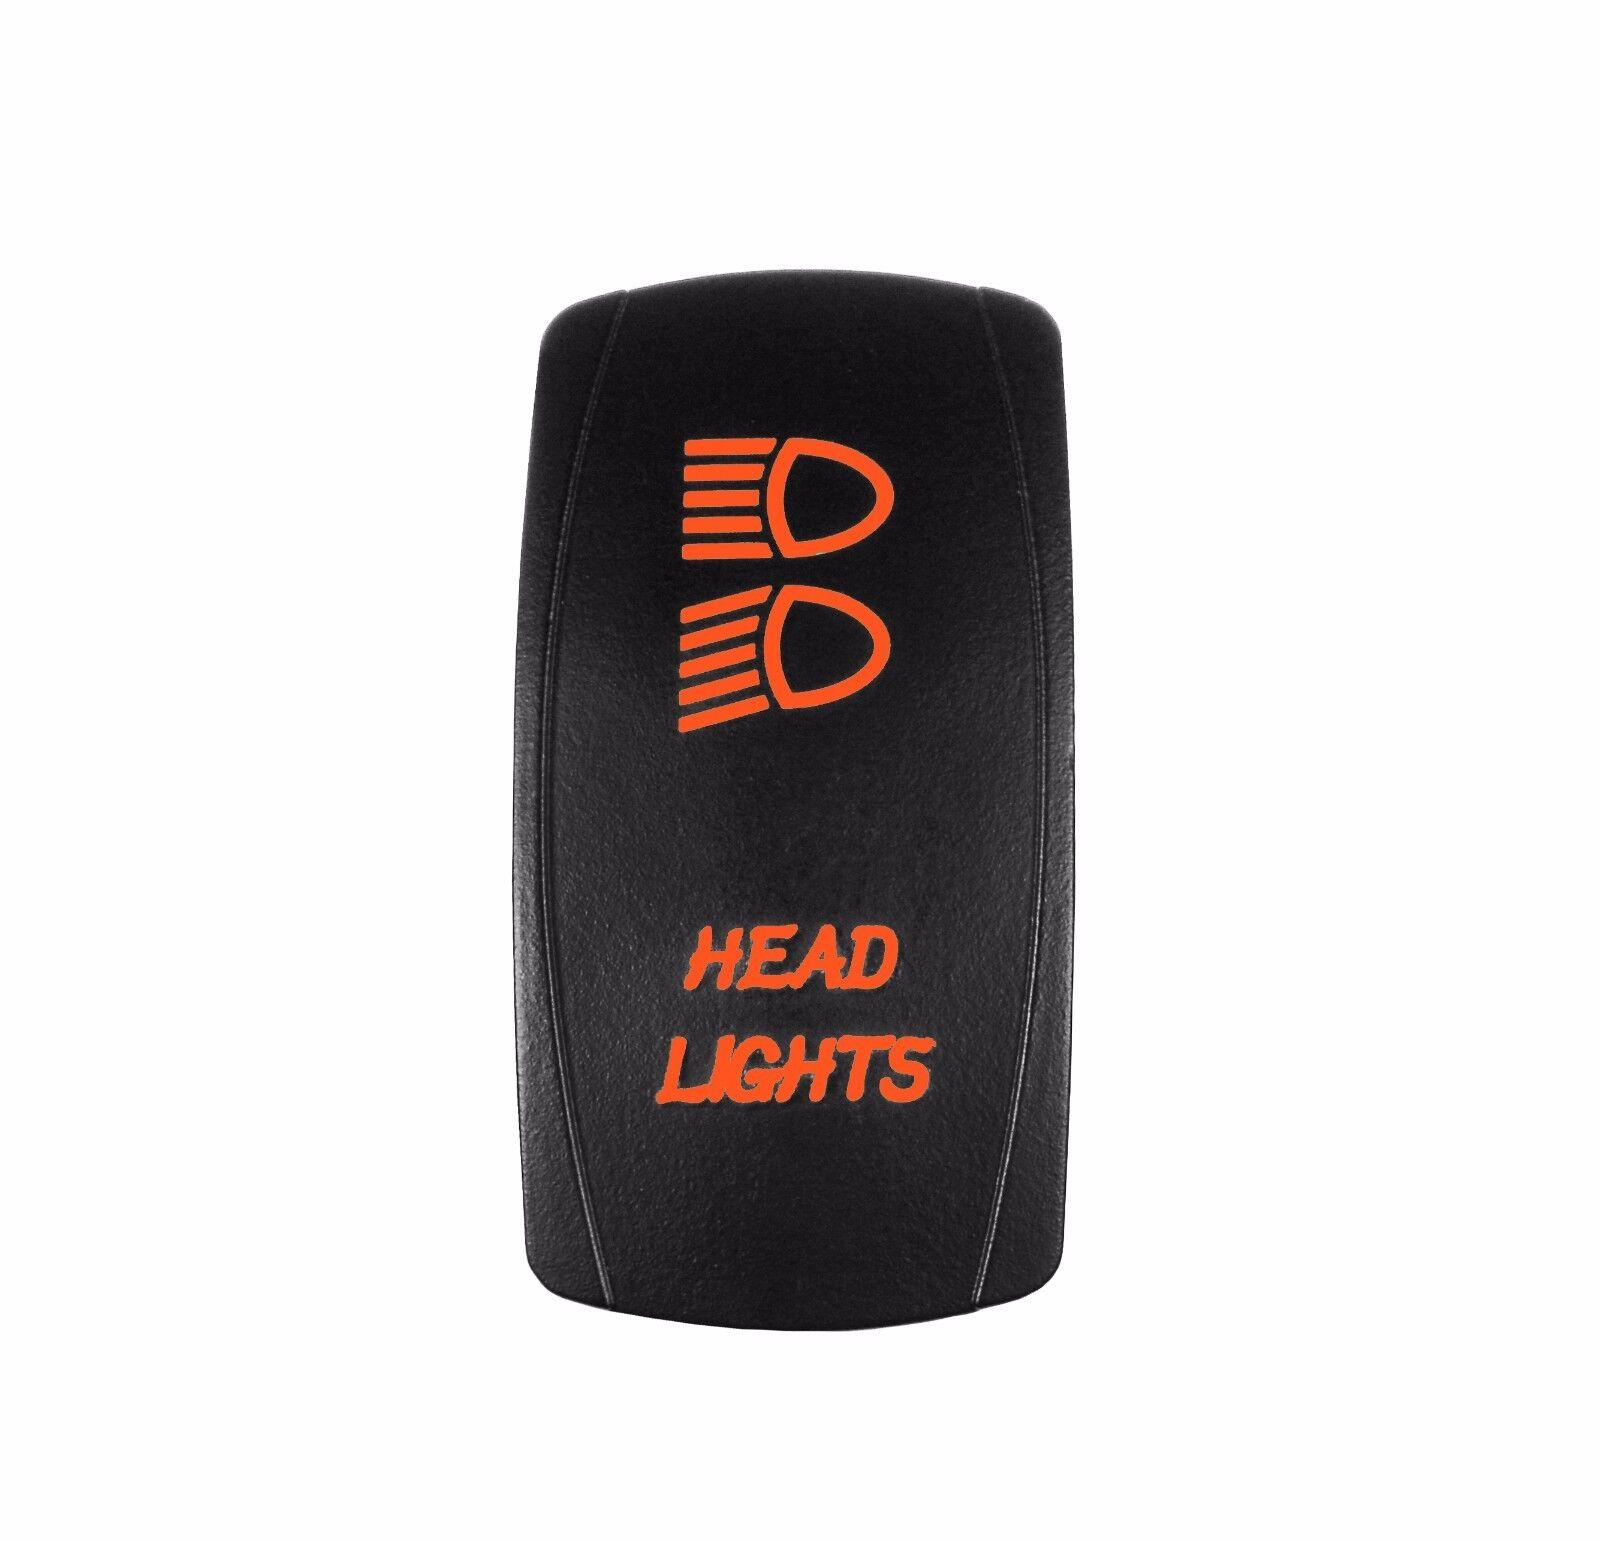 Laser HEAD LIGHTS Rocker Switch OFF-ON-ON led Light 20A 12V 6 pin ORANGE